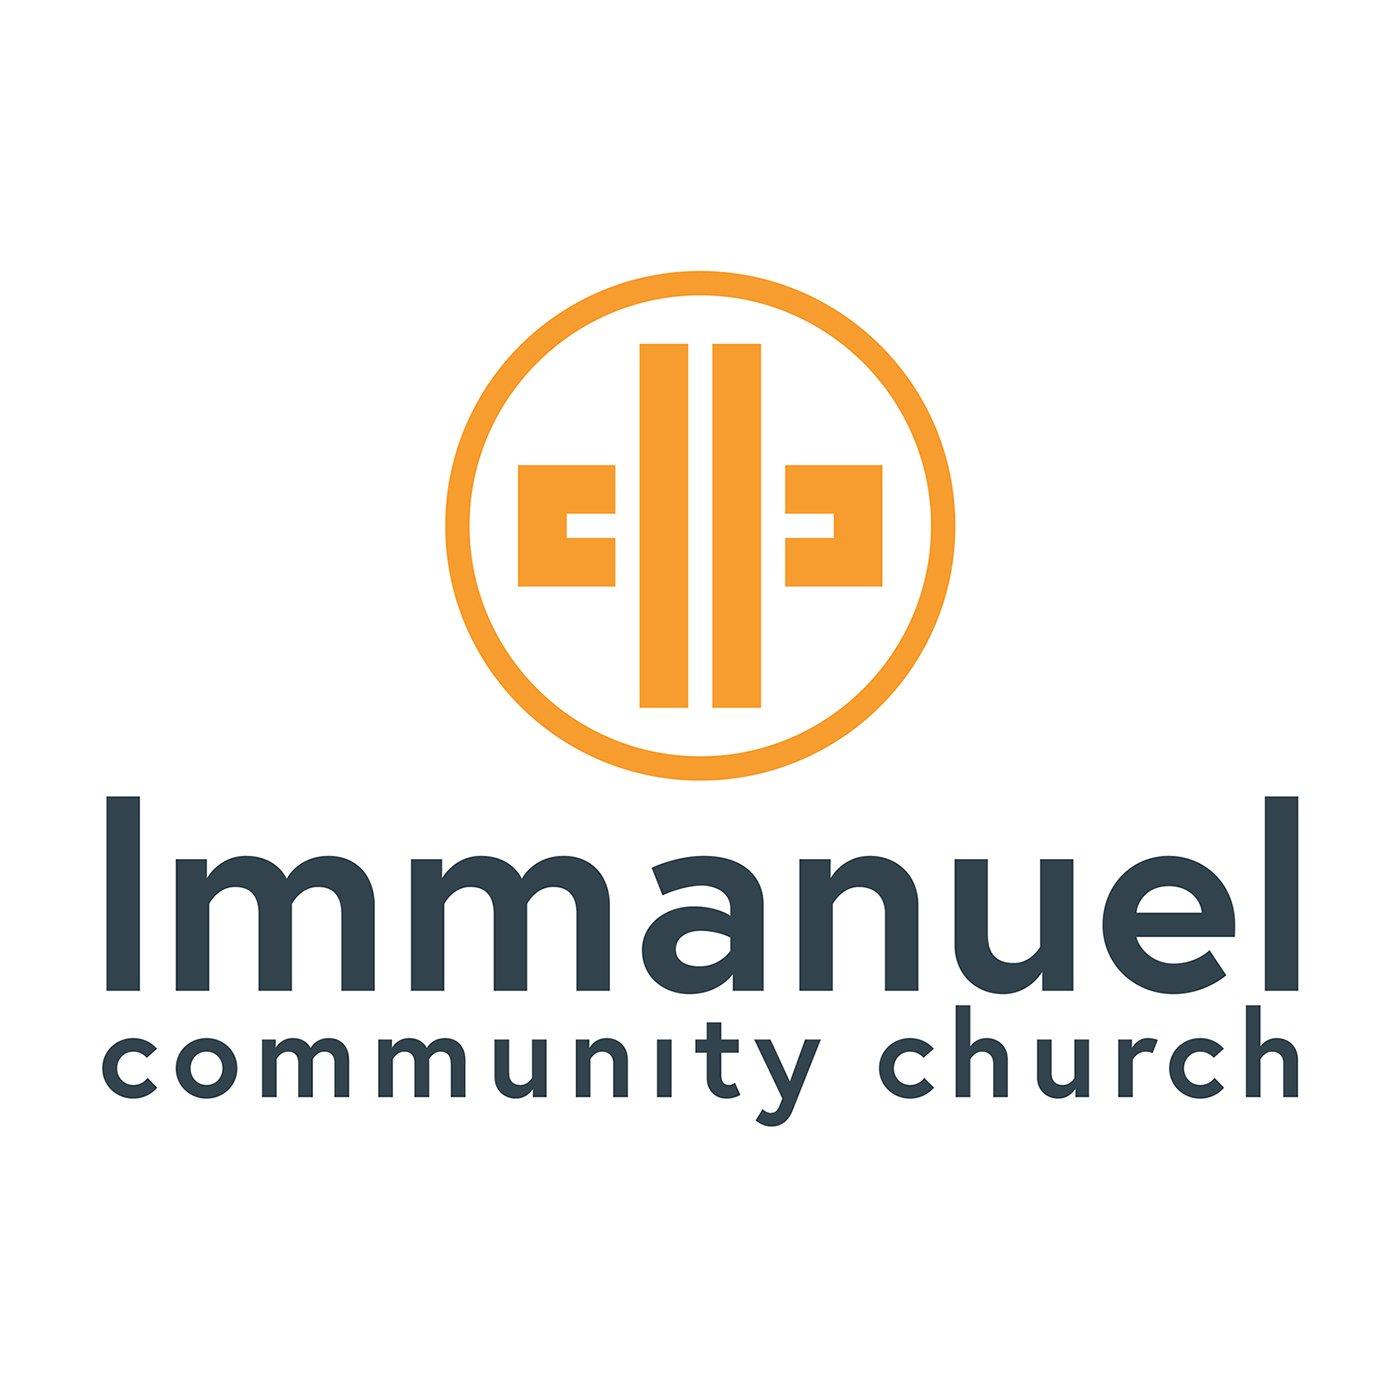 Immanuel Community Church